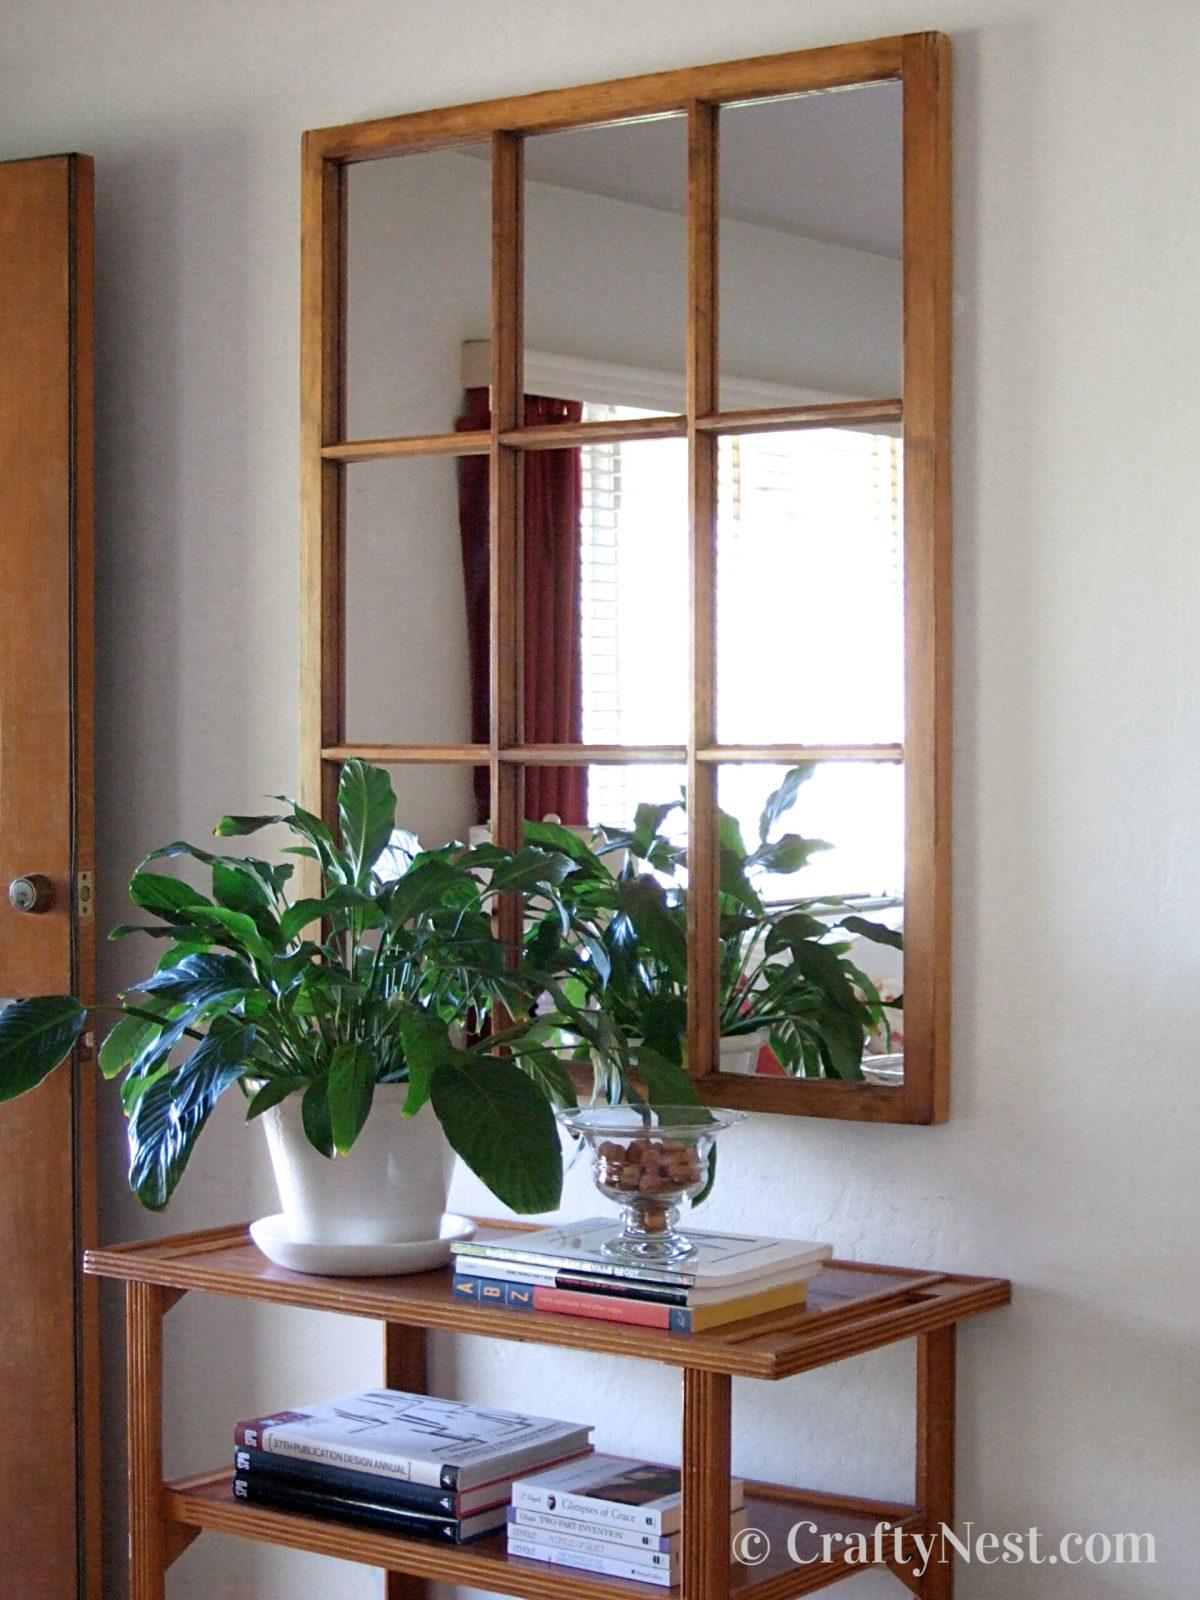 Salvaged window frame mirror, photo